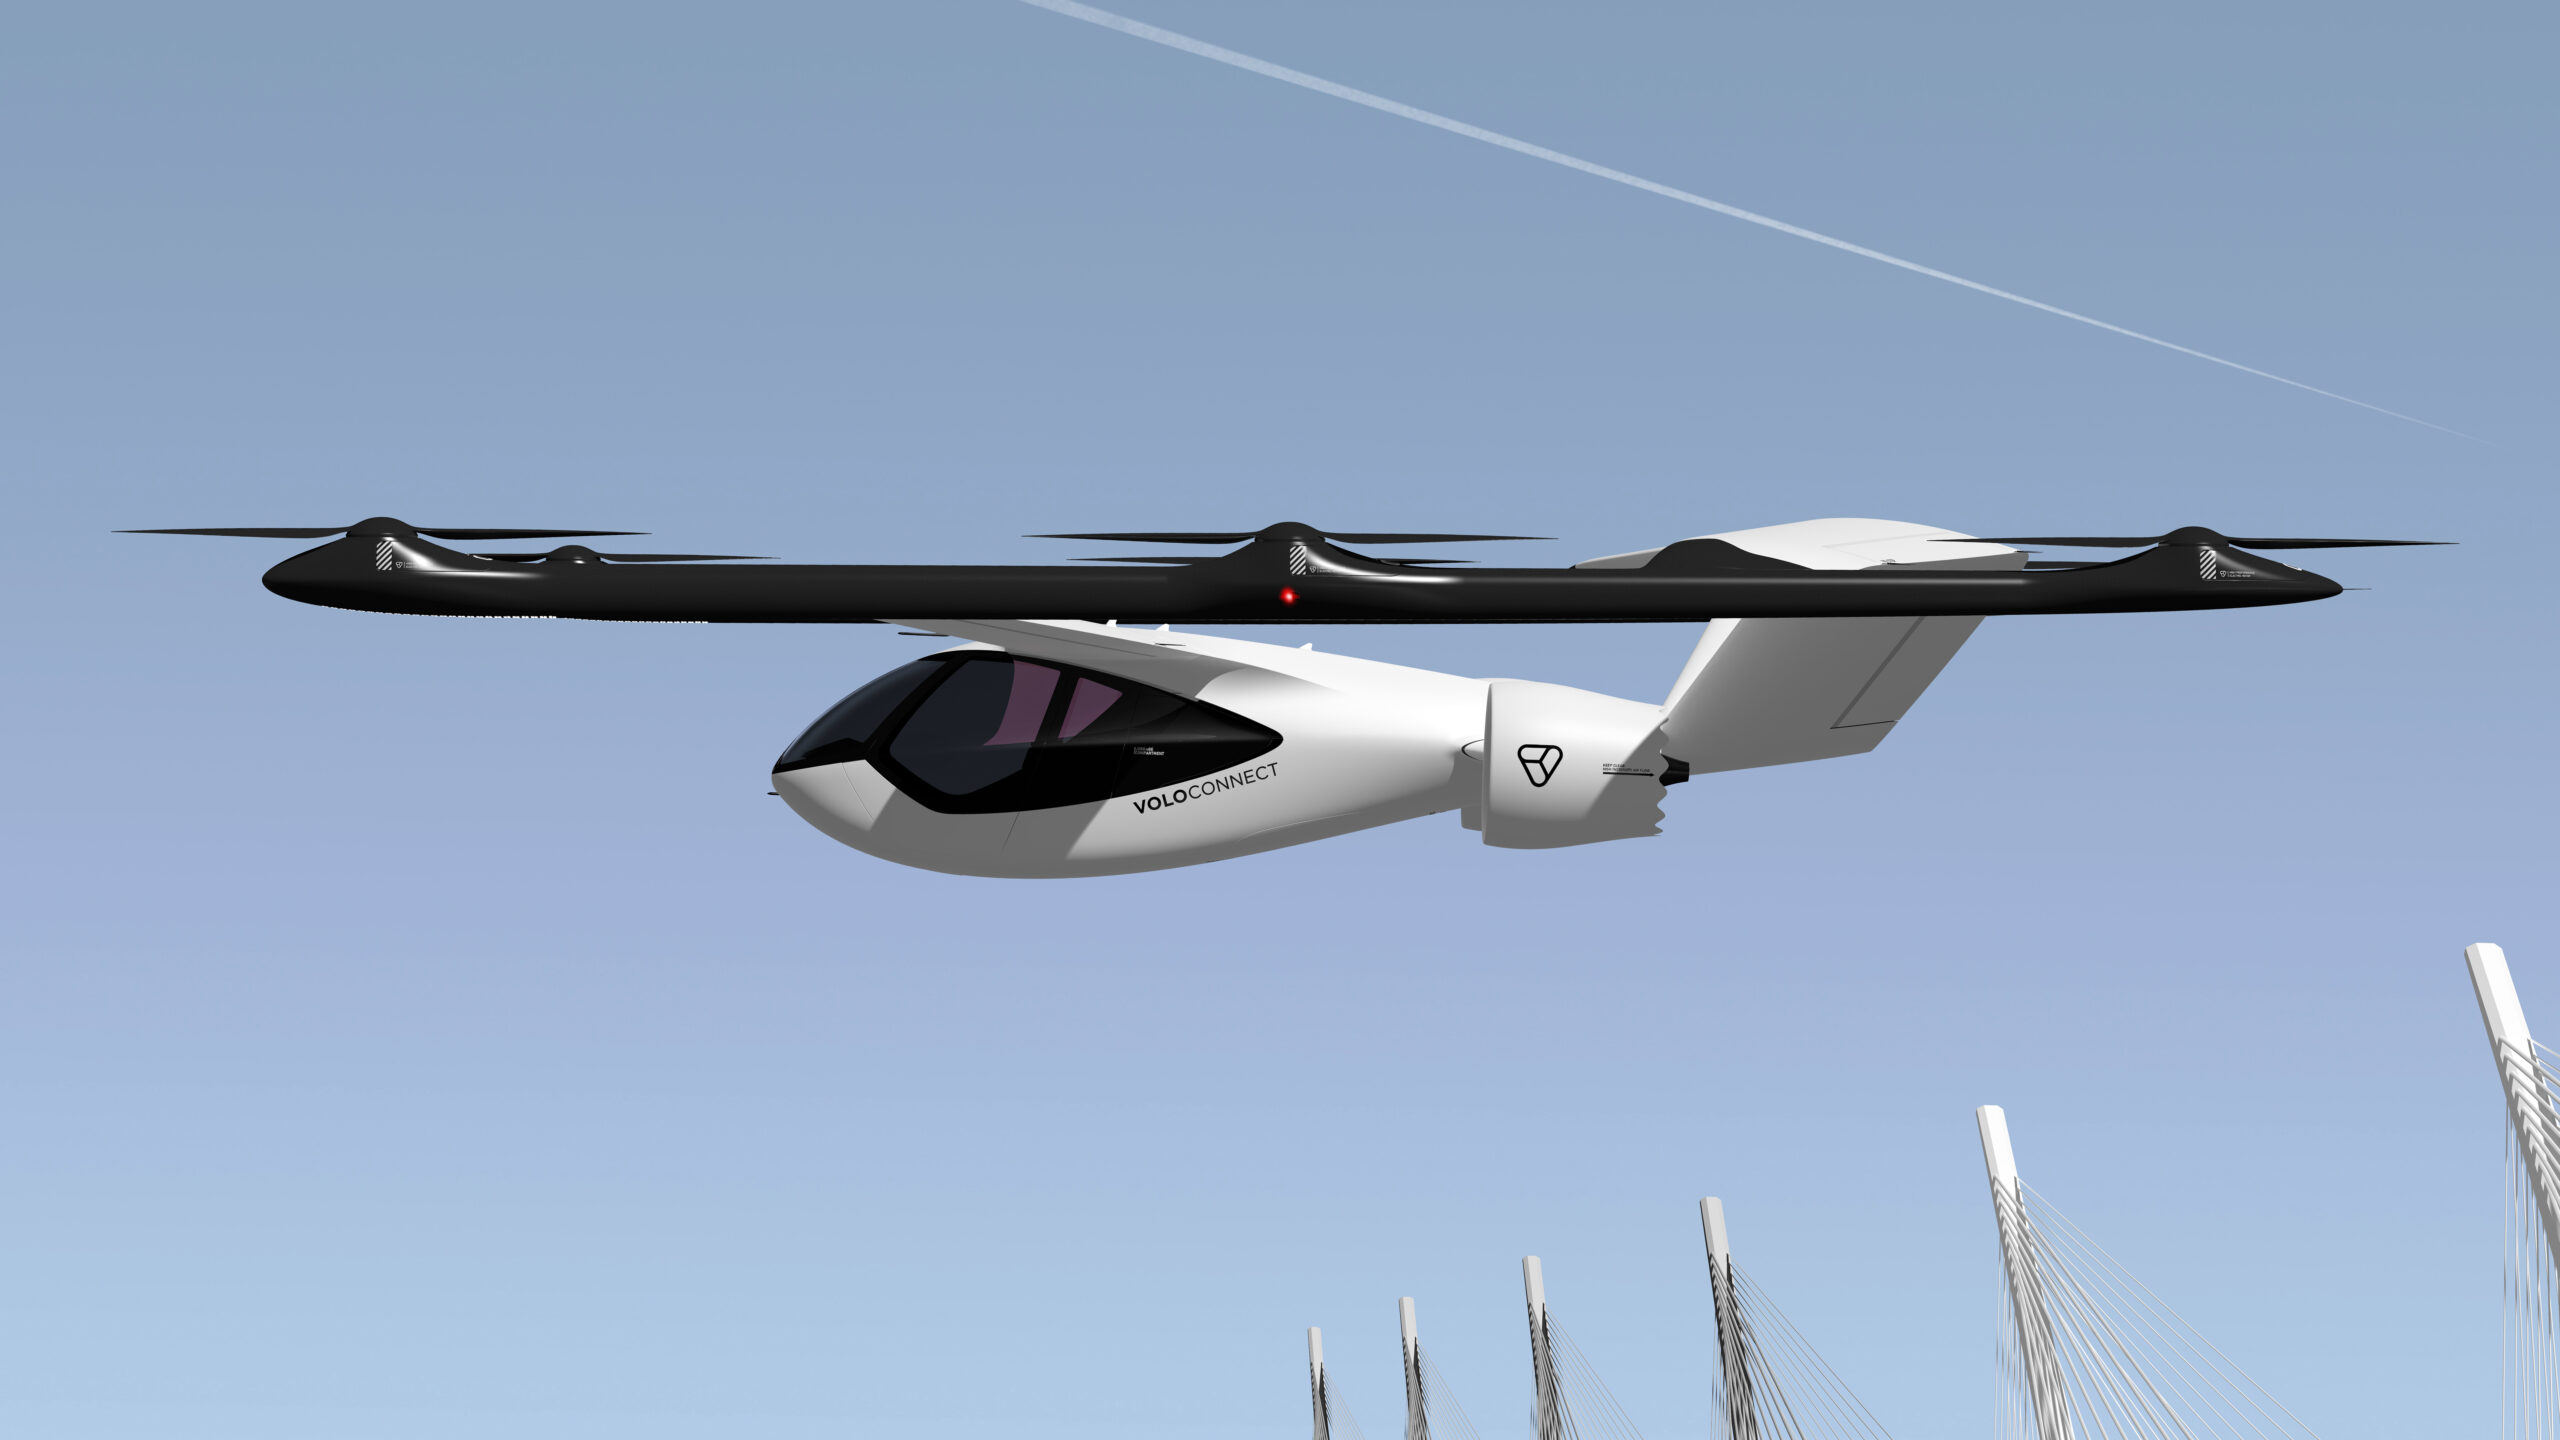 Фото, відео: у Німеччині розробили аеротаксі, що літає на швидкості 250 км/год